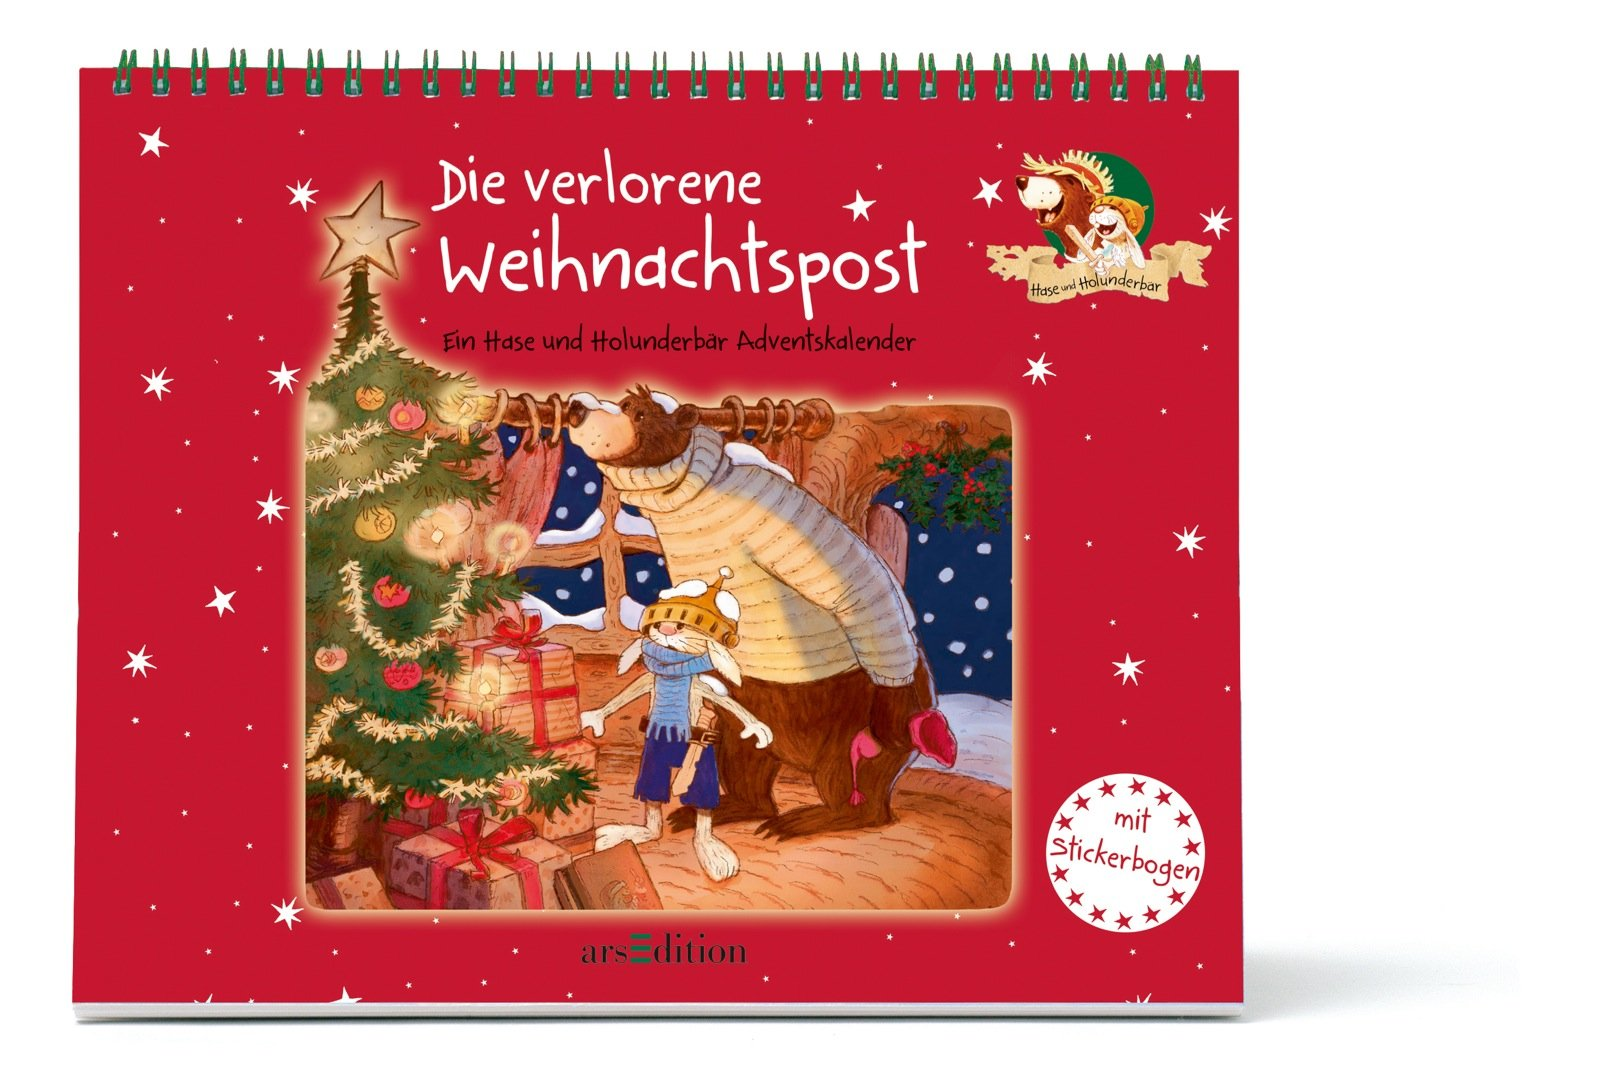 die-verlorene-weihnachtspost-ein-hase-holunderbr-adventskalender